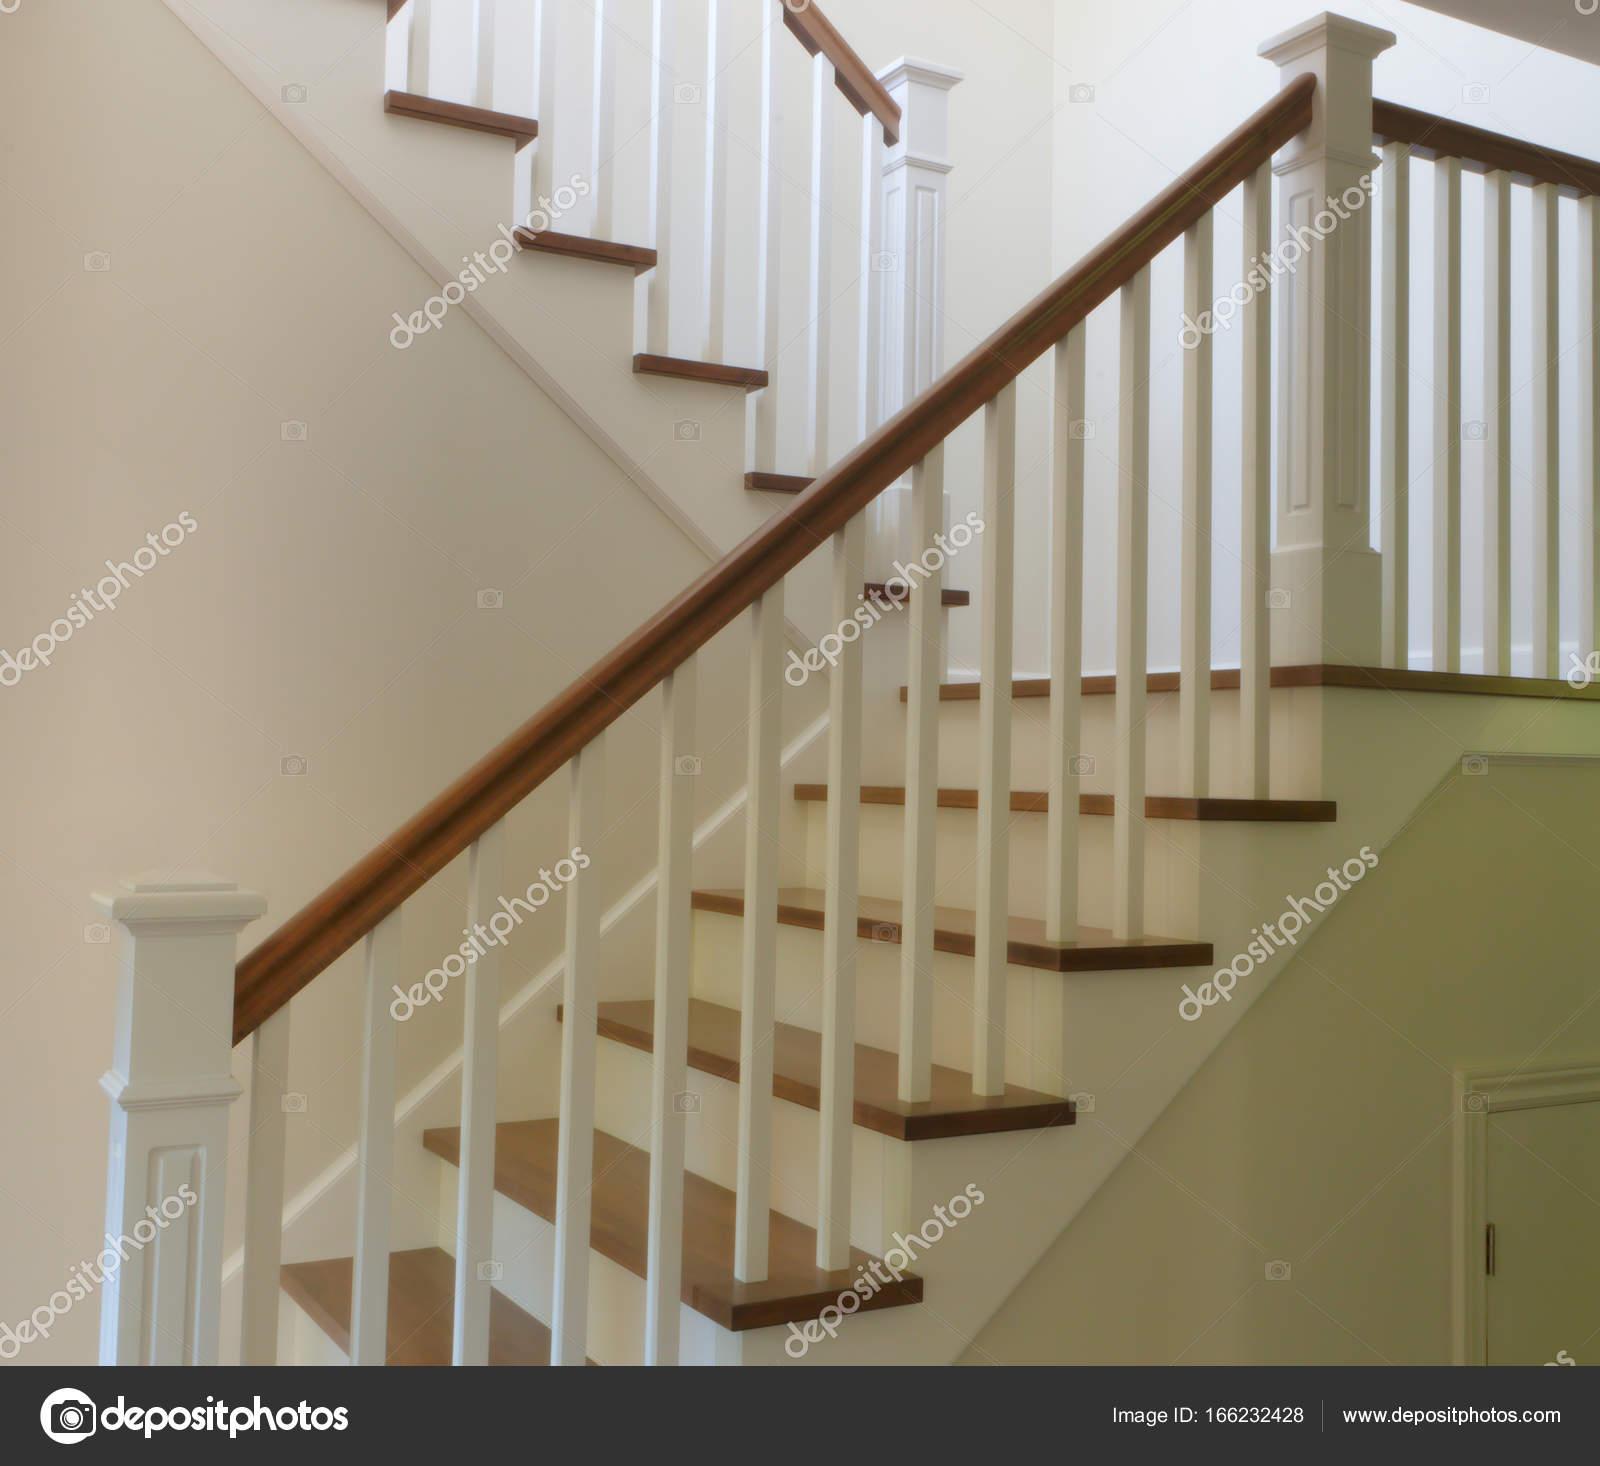 Fotos escalera madera blanca blanco escalera interior escalera moderna madera y estilo - Escaleras de madera modernas ...